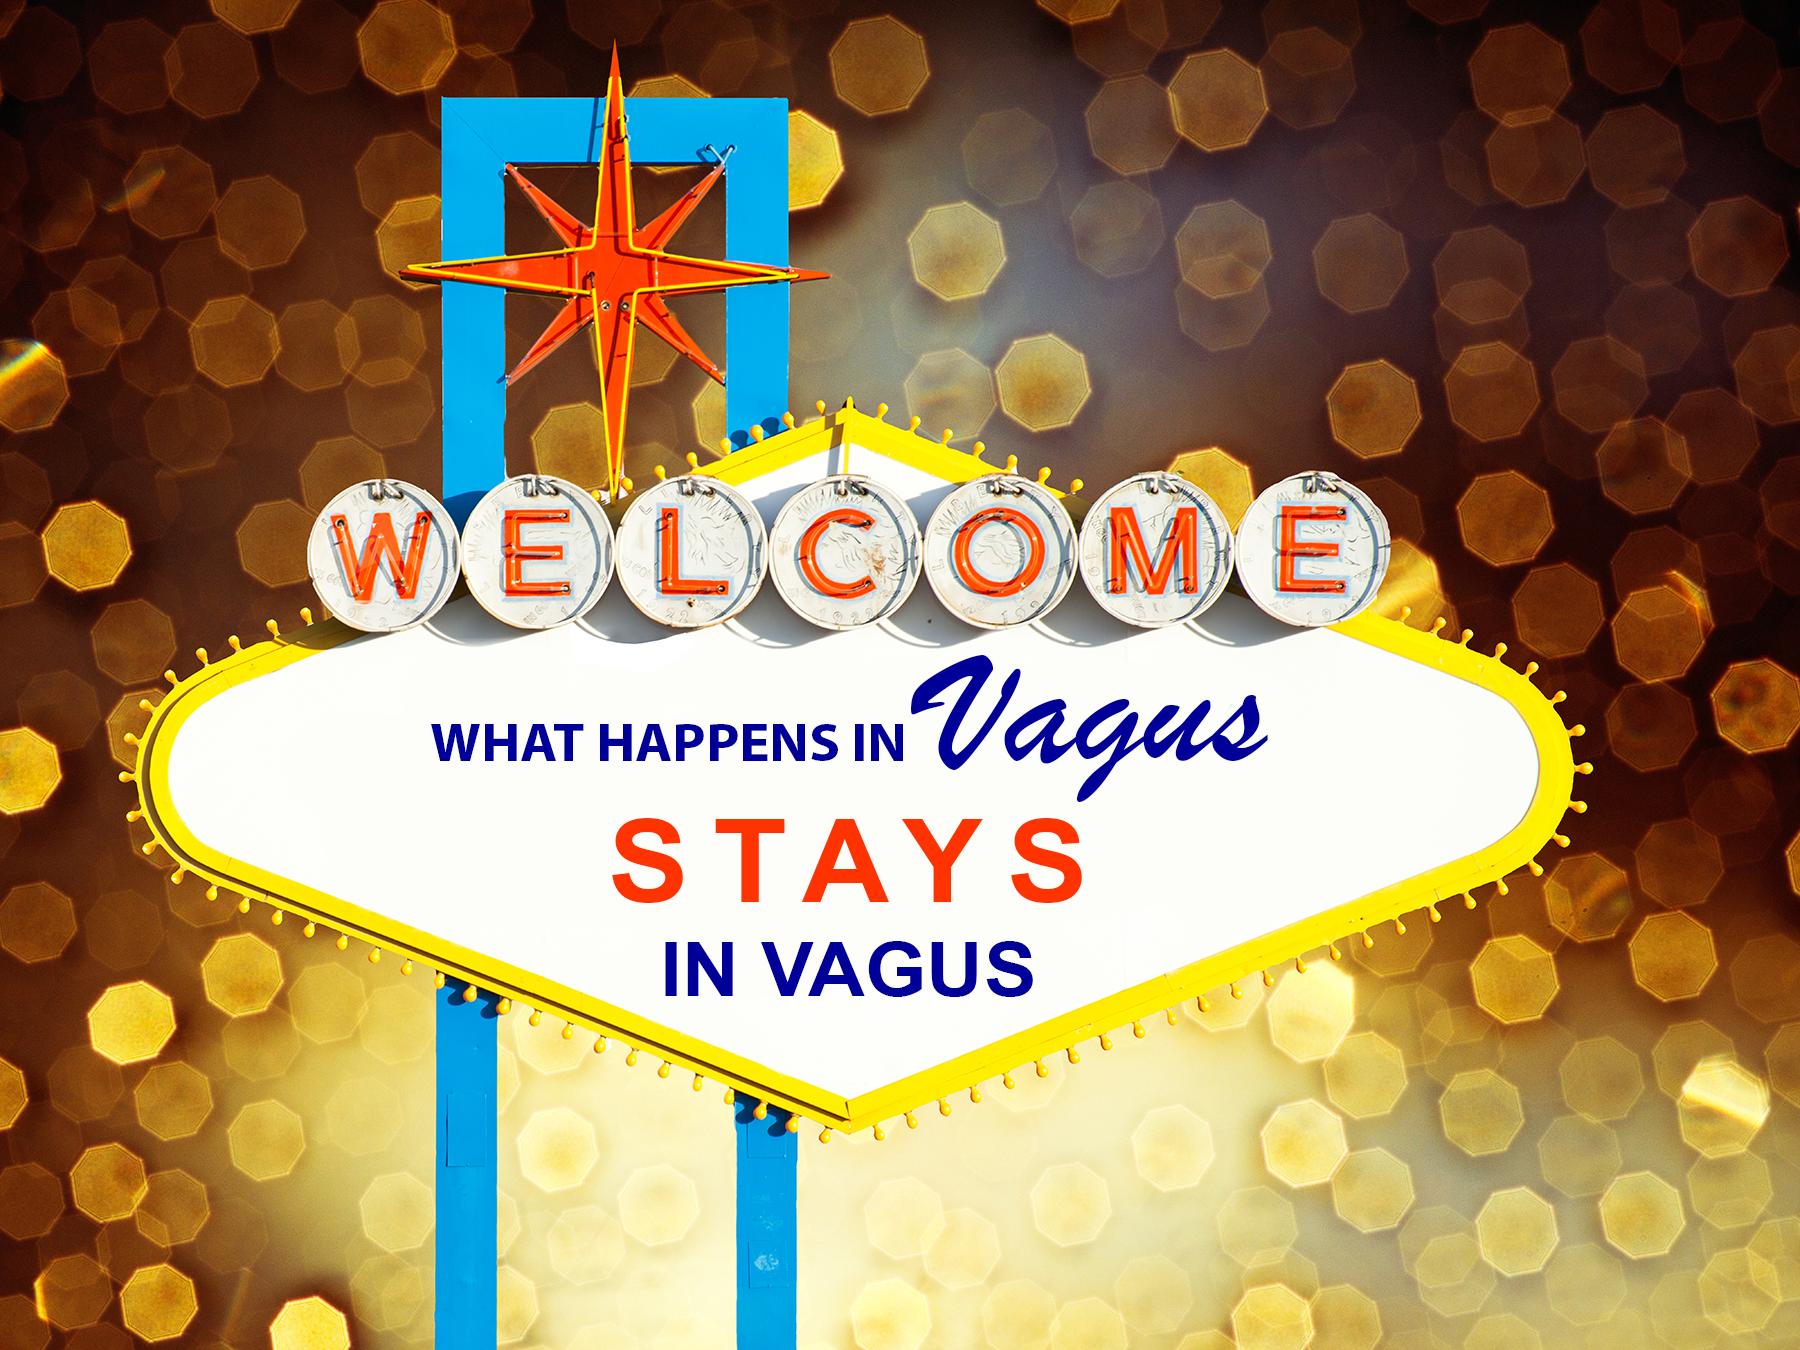 What Happens In Vagus, Stays In Vagus